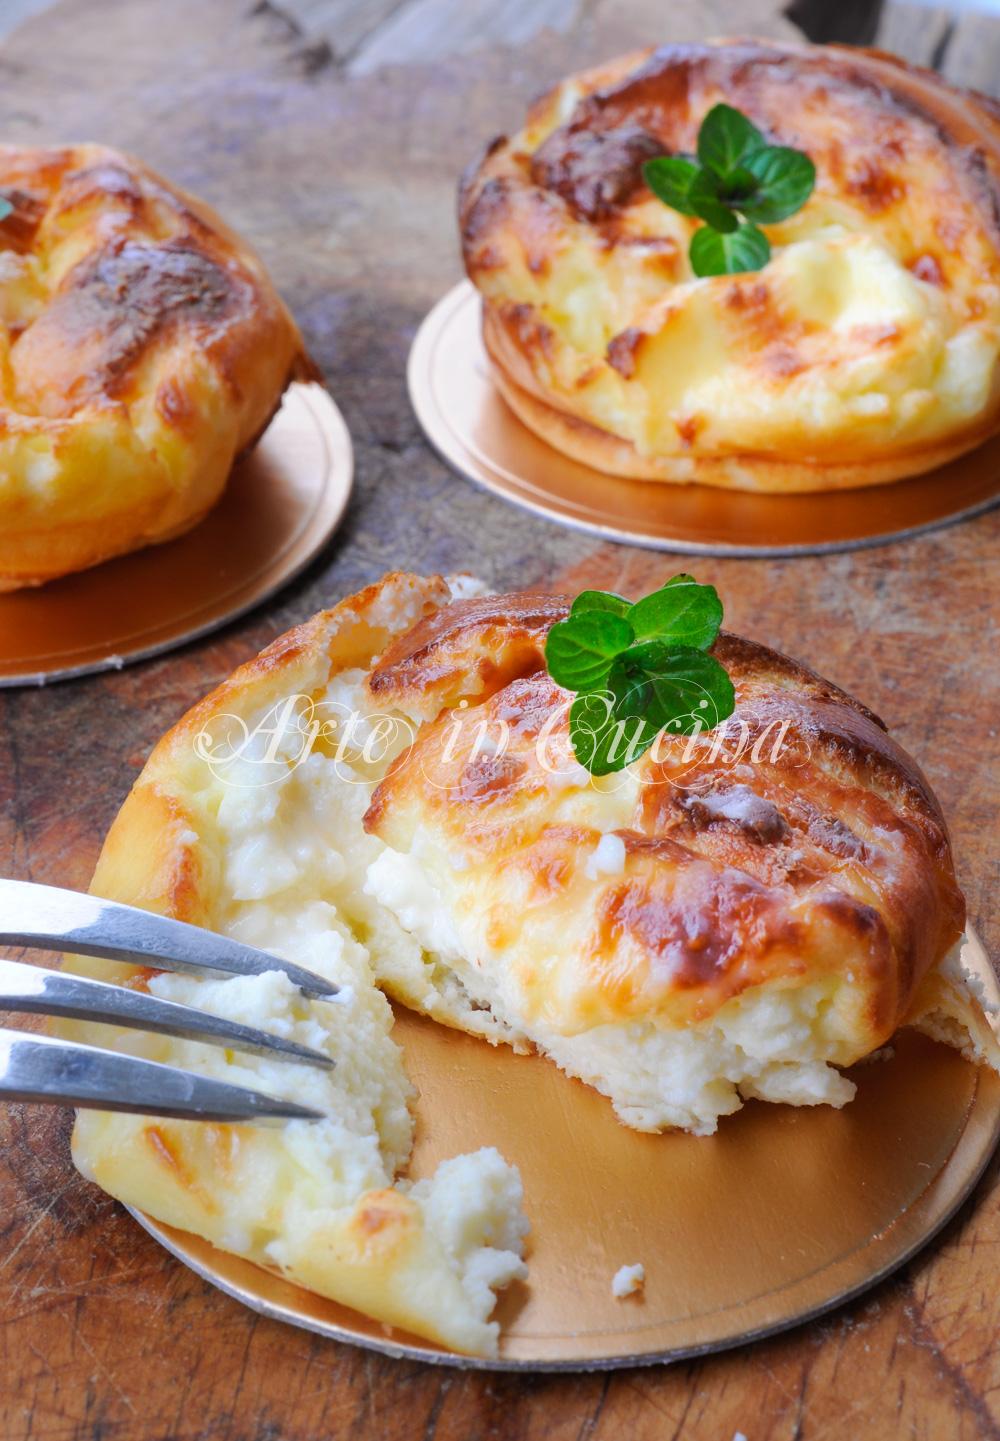 Cucina facile ricette veloci ricette popolari sito culinario for Cucina facile ricette